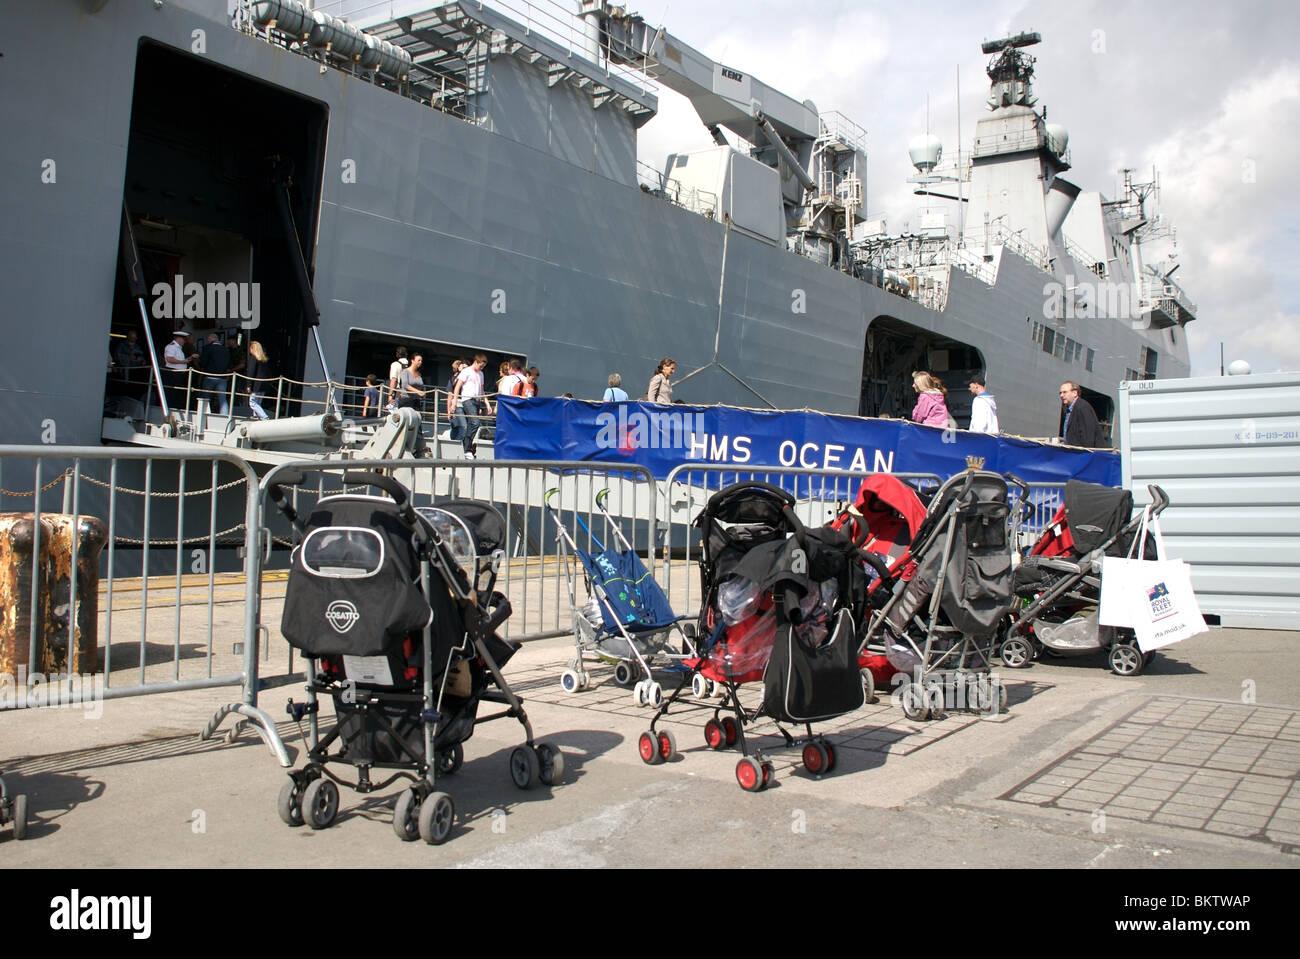 Kinderwagen außerhalb HMS Ocean Marine Days 2009, Devonport, Plymouth, Devon, UK Stockbild